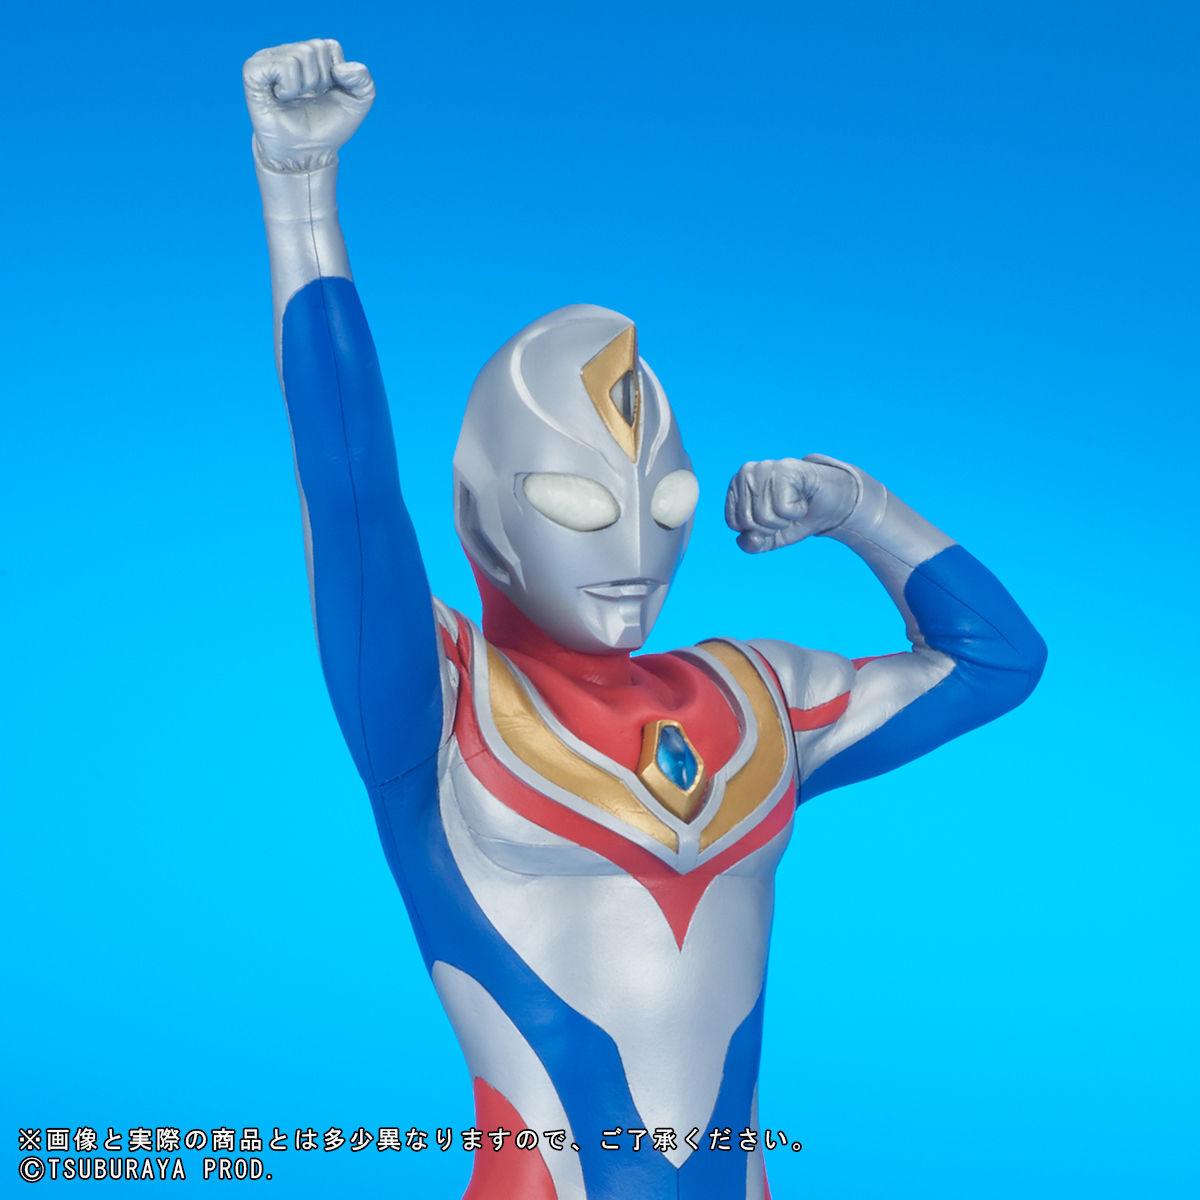 大怪獣シリーズ ULTRA NEW GENERATION『ウルトラマンダイナ(フラッシュタイプ)登場ポーズ』完成品フィギュア-004